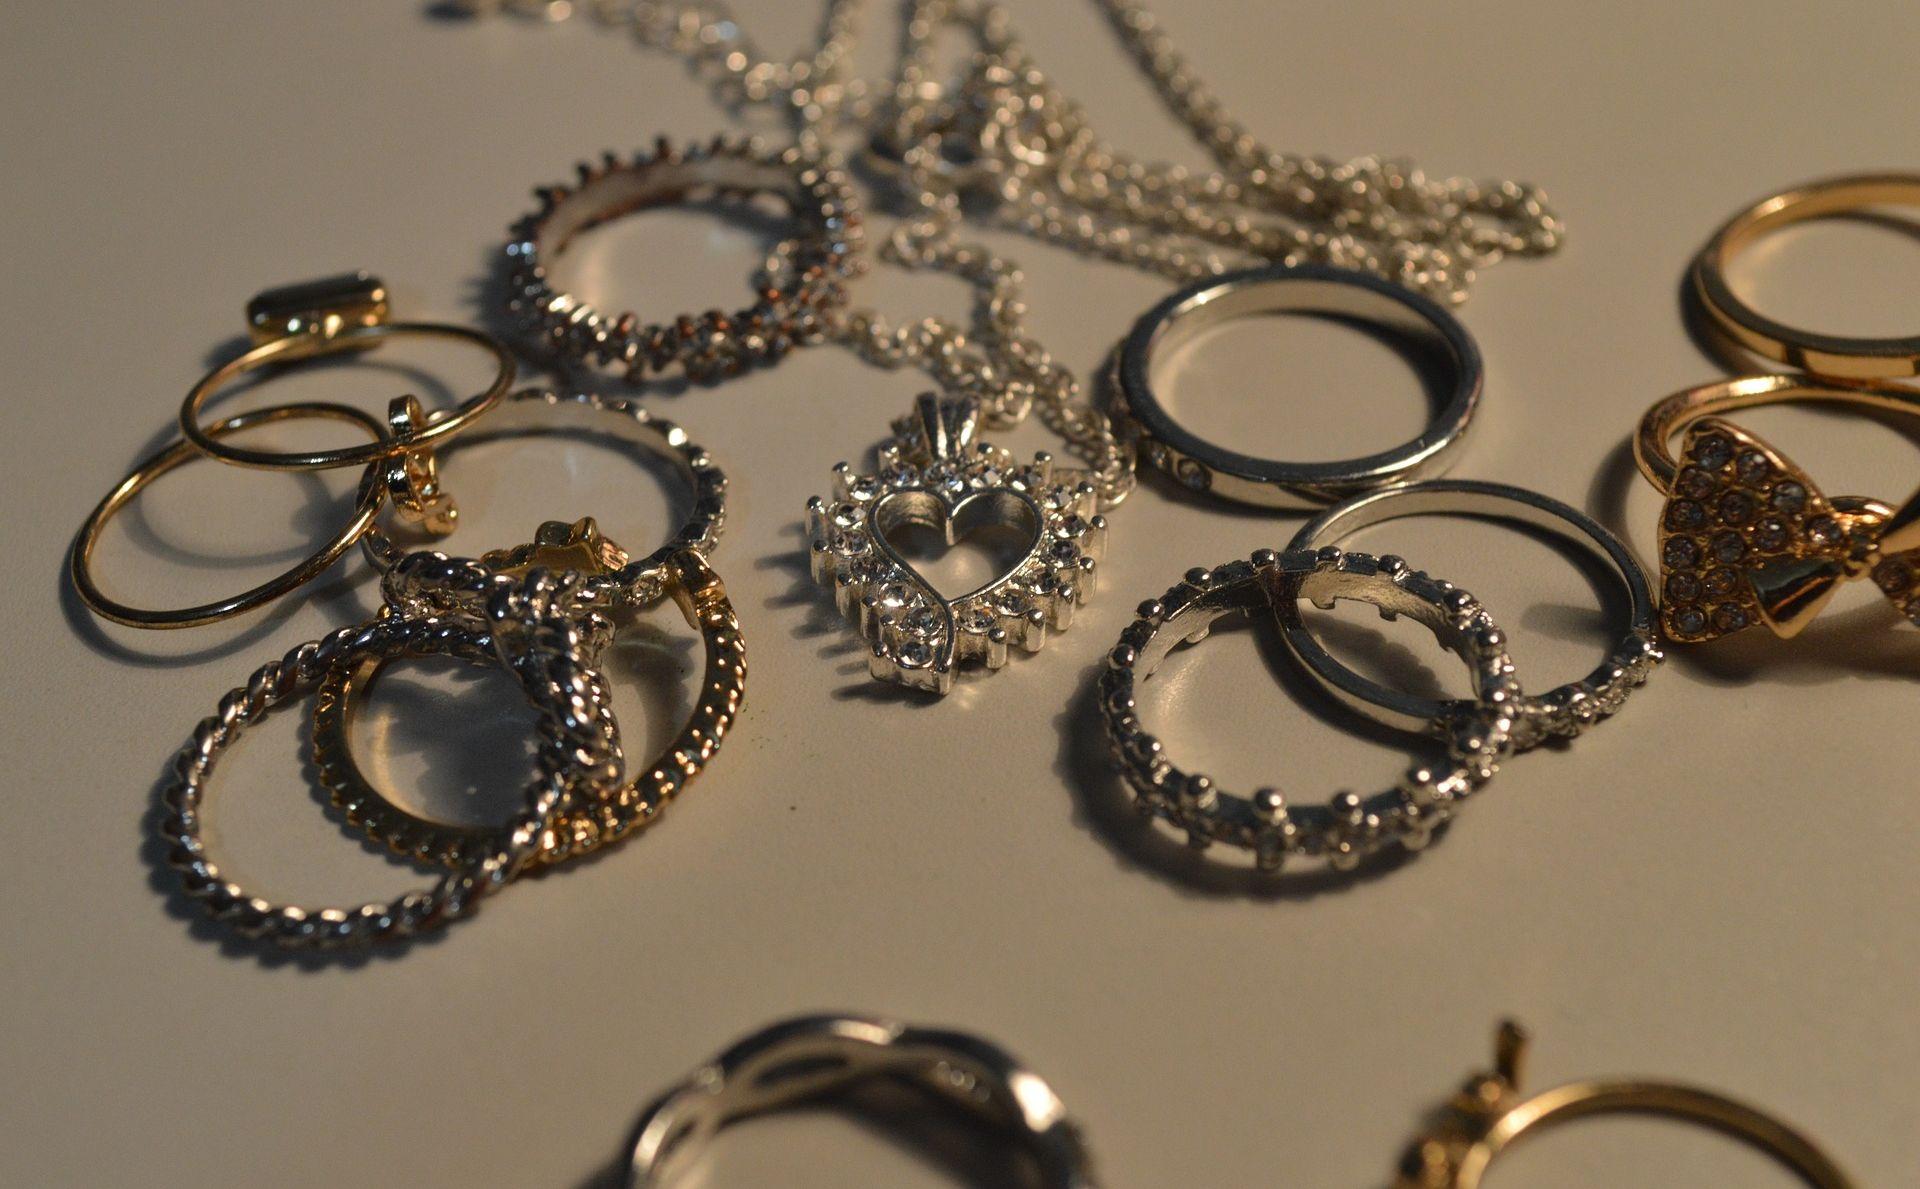 NAORUŽANI RAZBOJNICI OPLJAČKALI ZLATARNU U WESTGATEU Odnijeli nakit vrijedan više stotina tisuća kuna